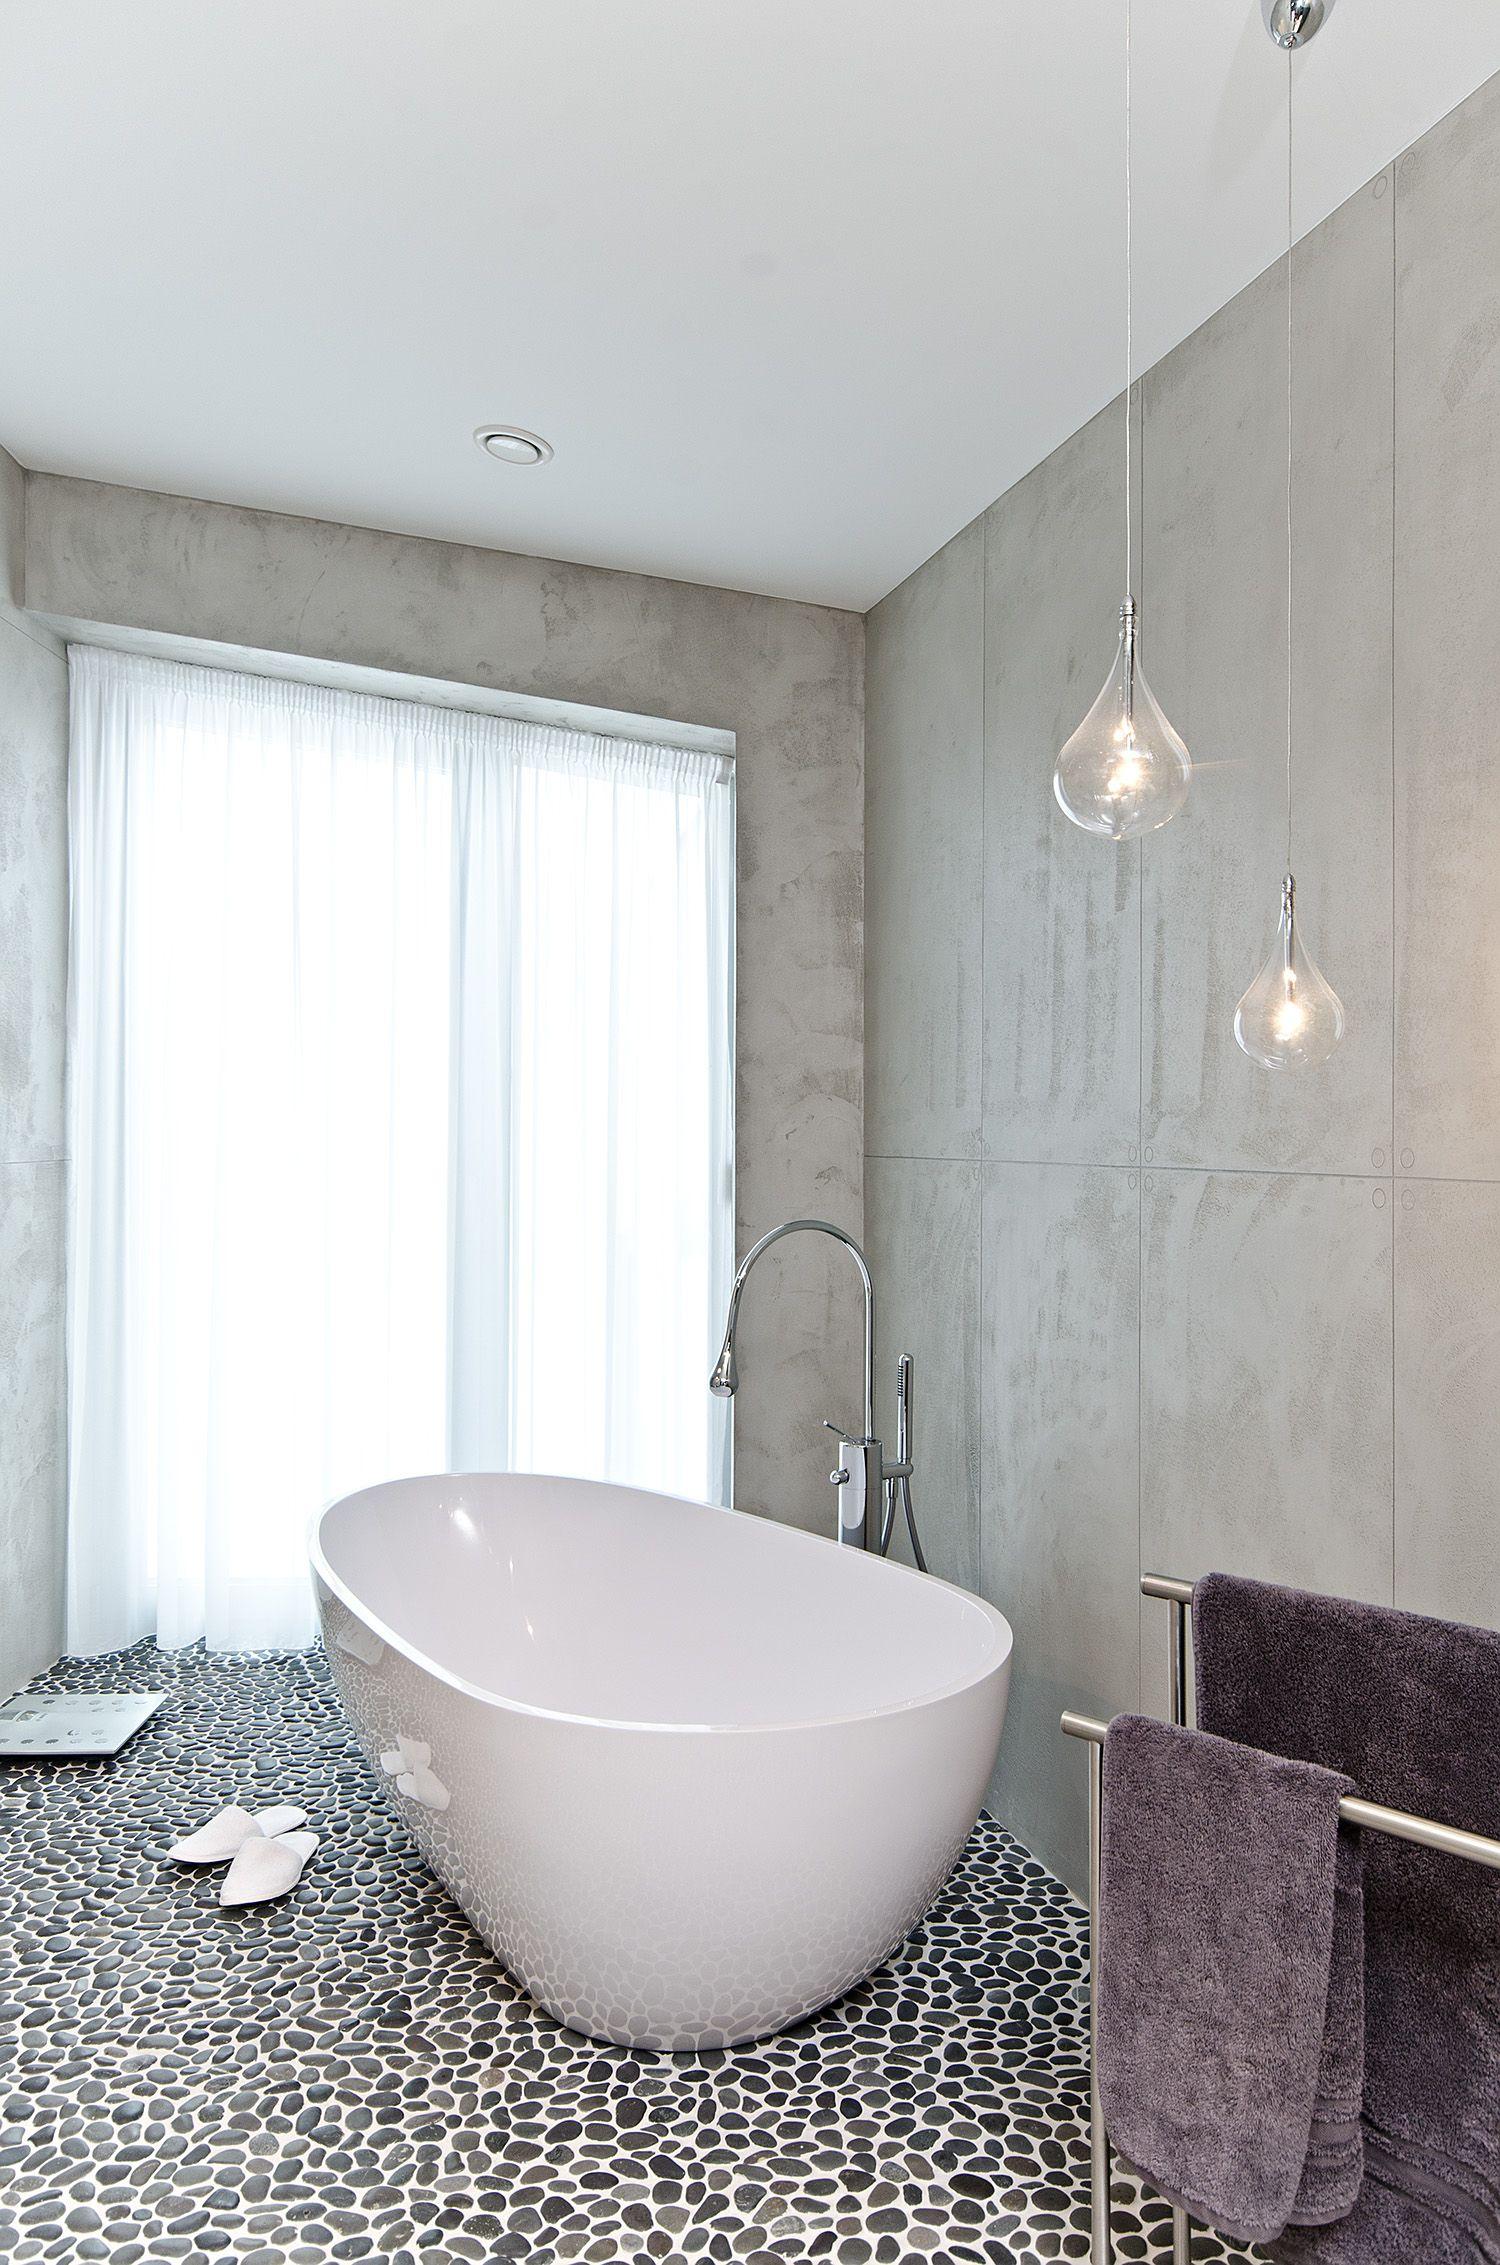 OOOOX | OSICE - bathroom with free standing bathtub on black ...